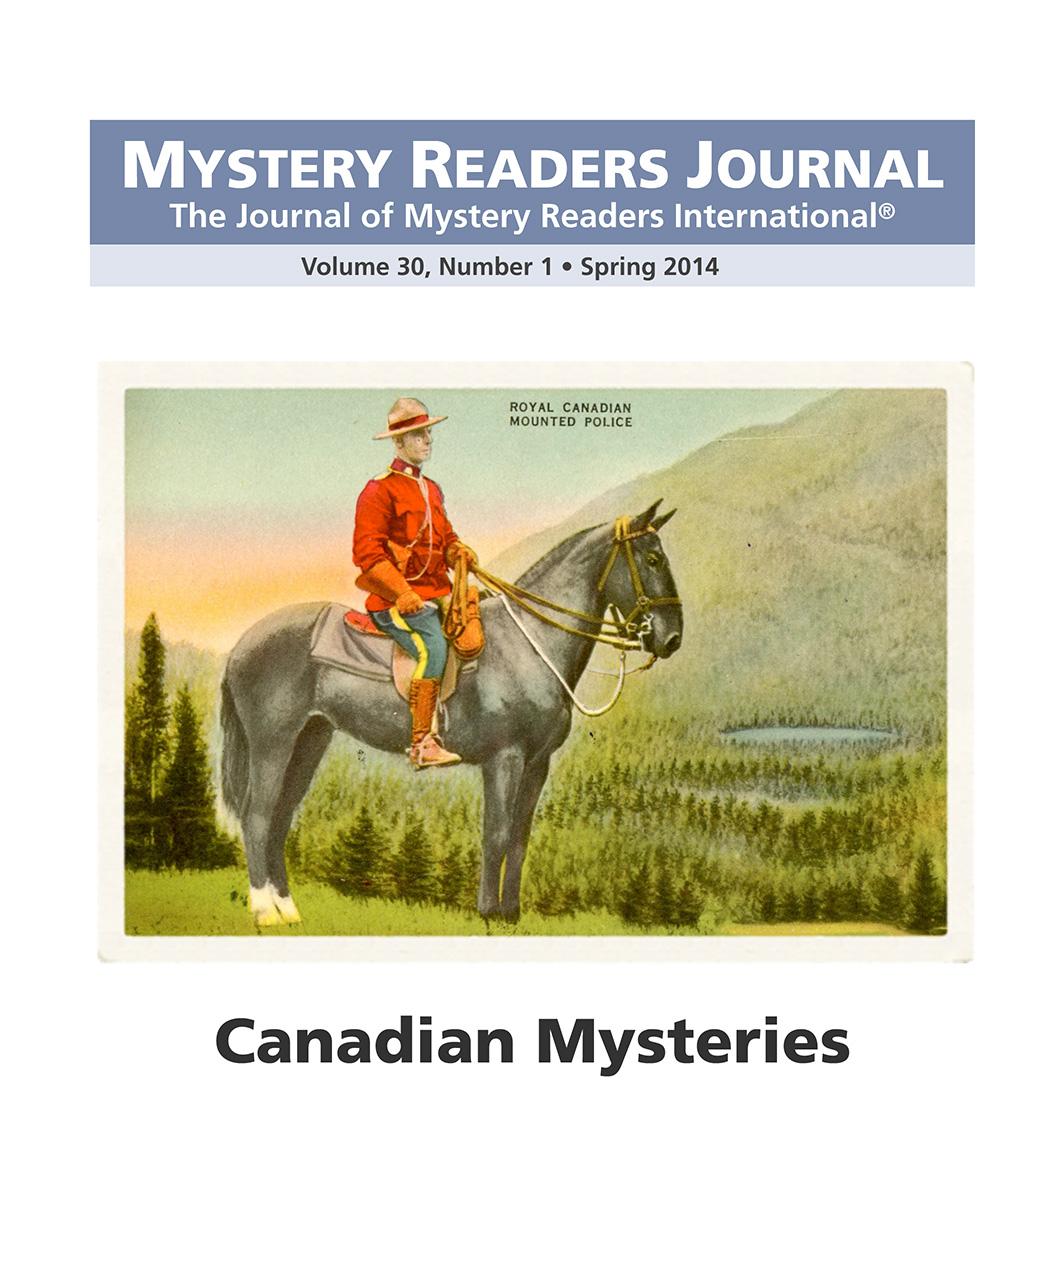 Mystery Reader